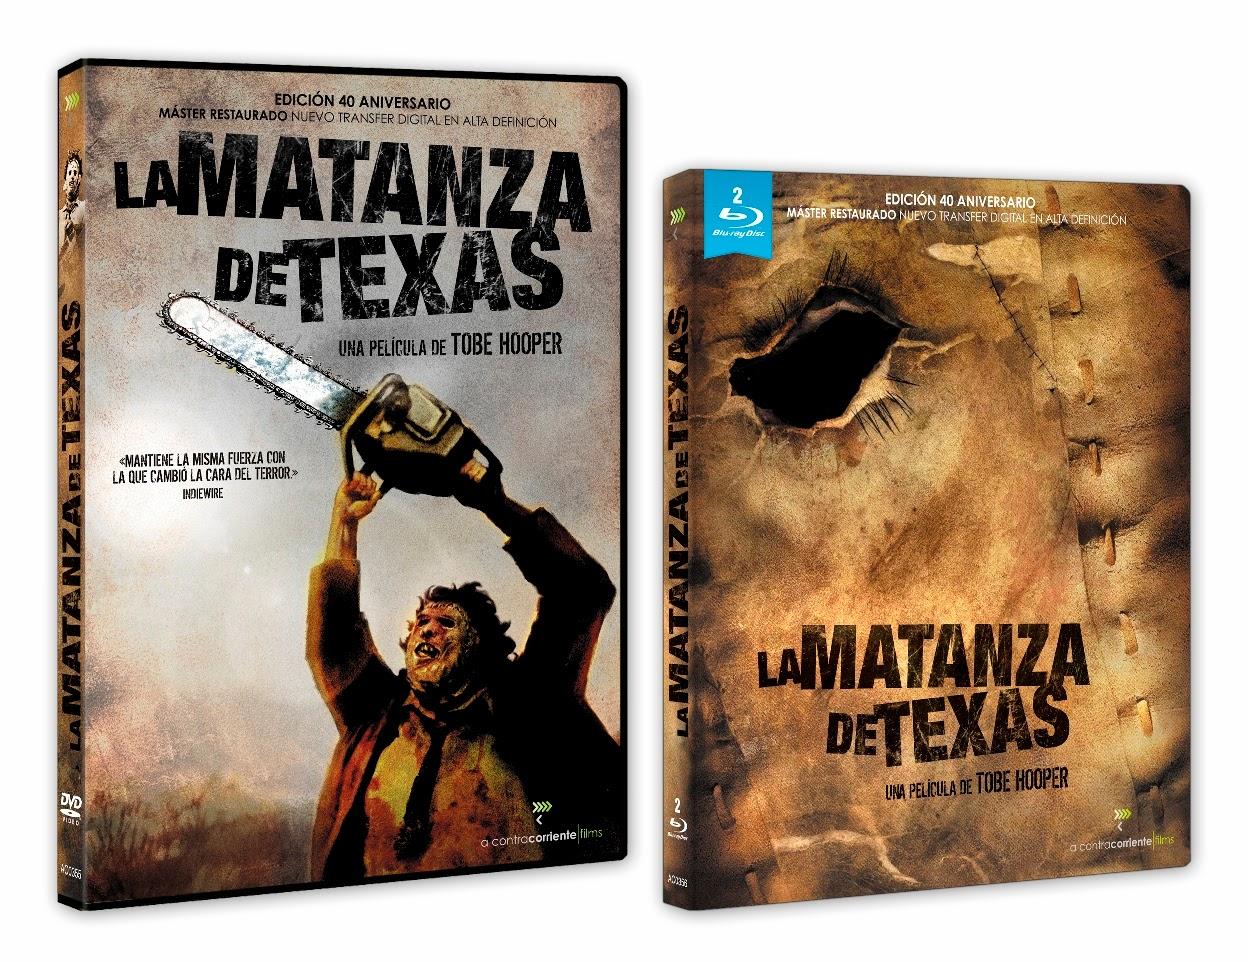 La matanza de Texas | DVD y Blu-ray edición 40º aniversario